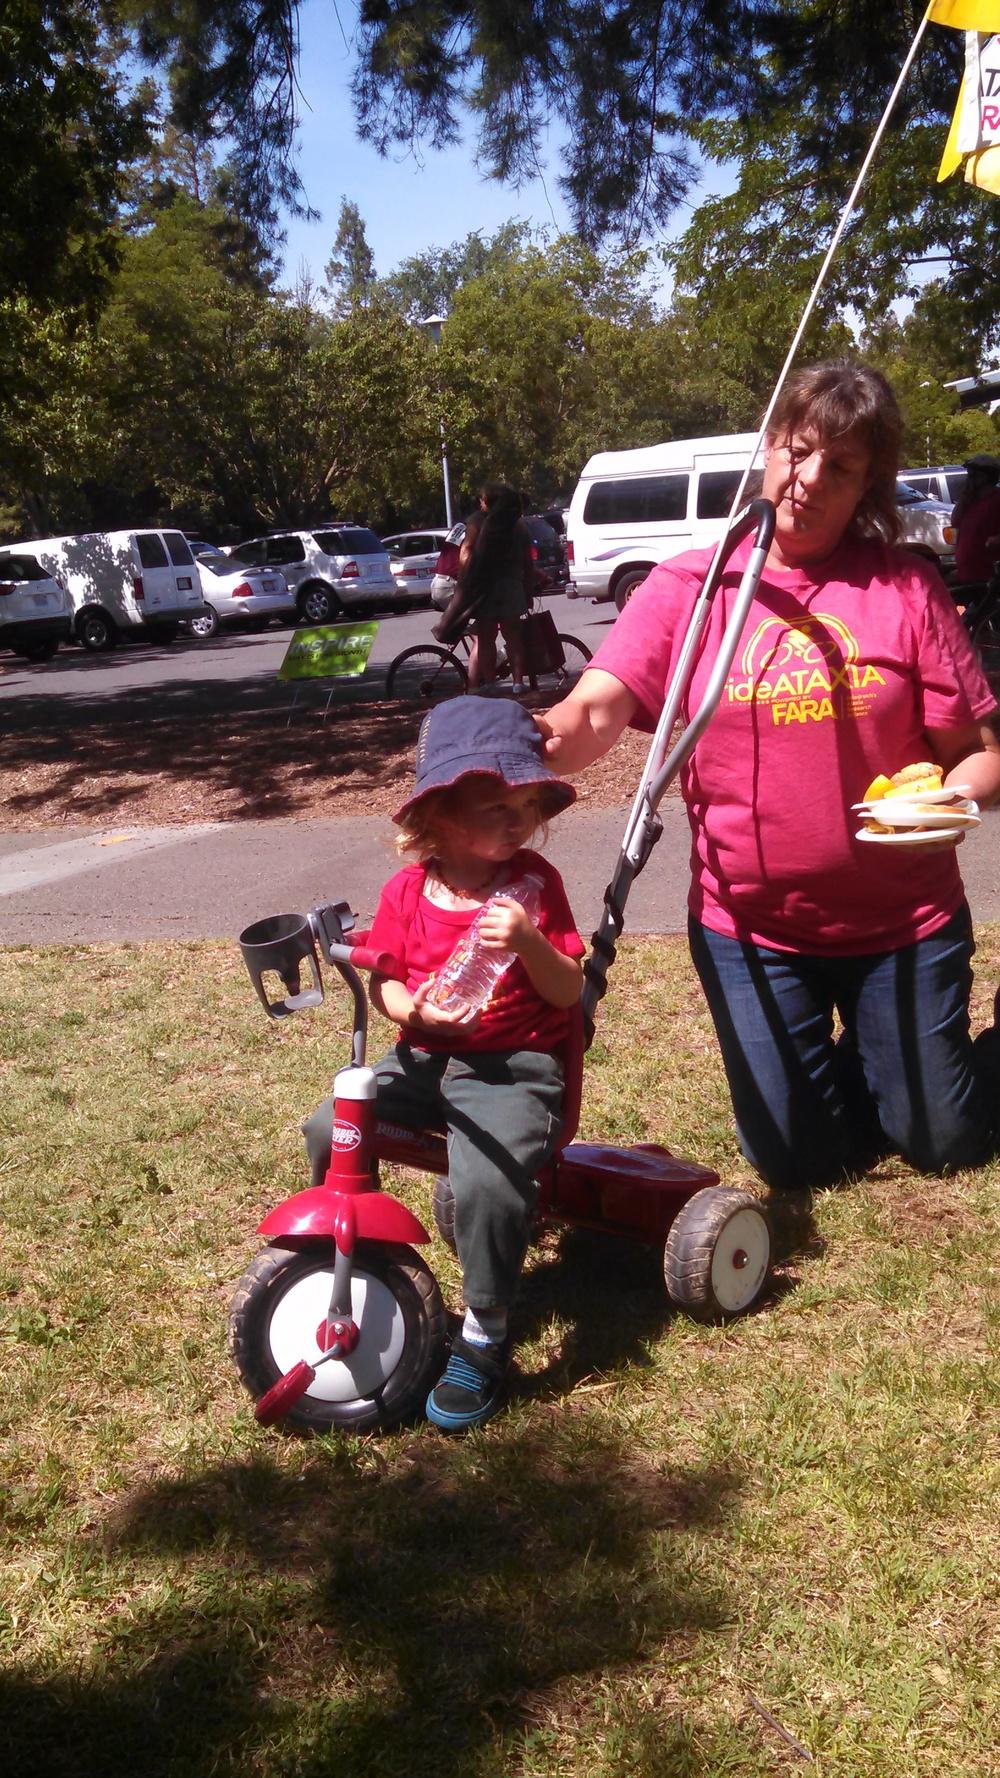 Noah rides his trike at Ride Ataxia 2015 in Davis. May 31, 2015.